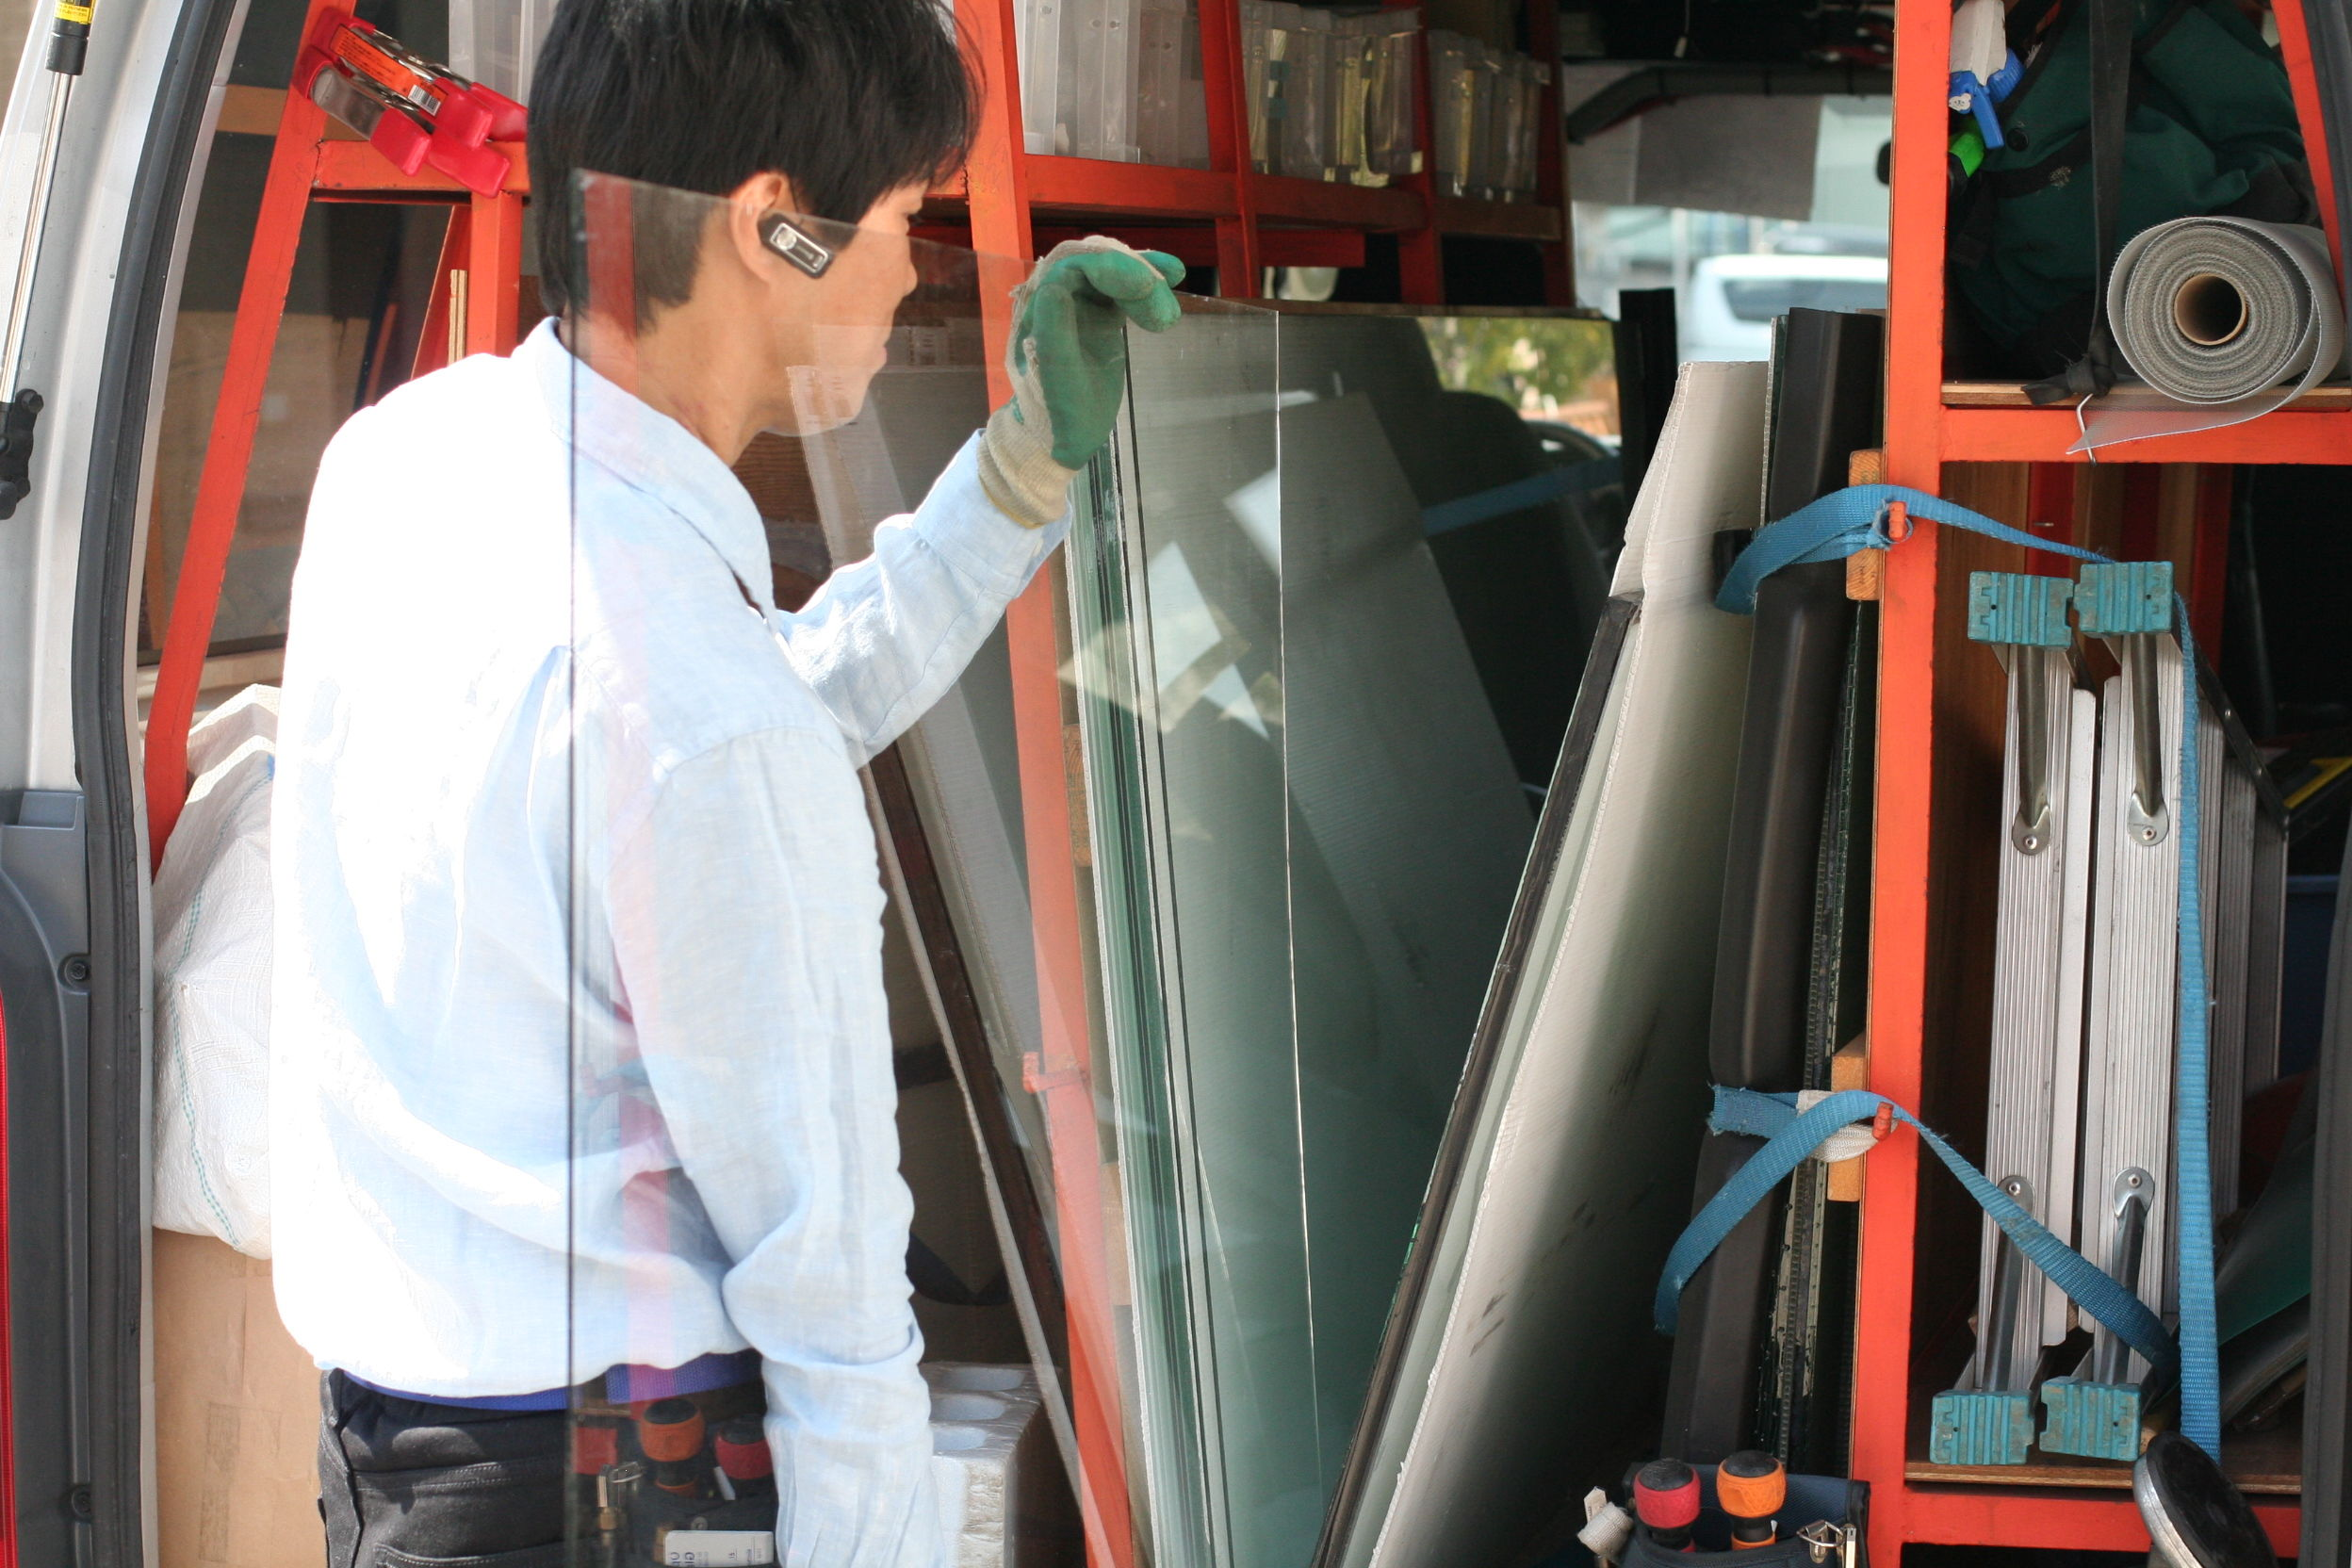 ガラスのトラブル救Q隊.24【都城市 出張エリア】の店内・外観画像2